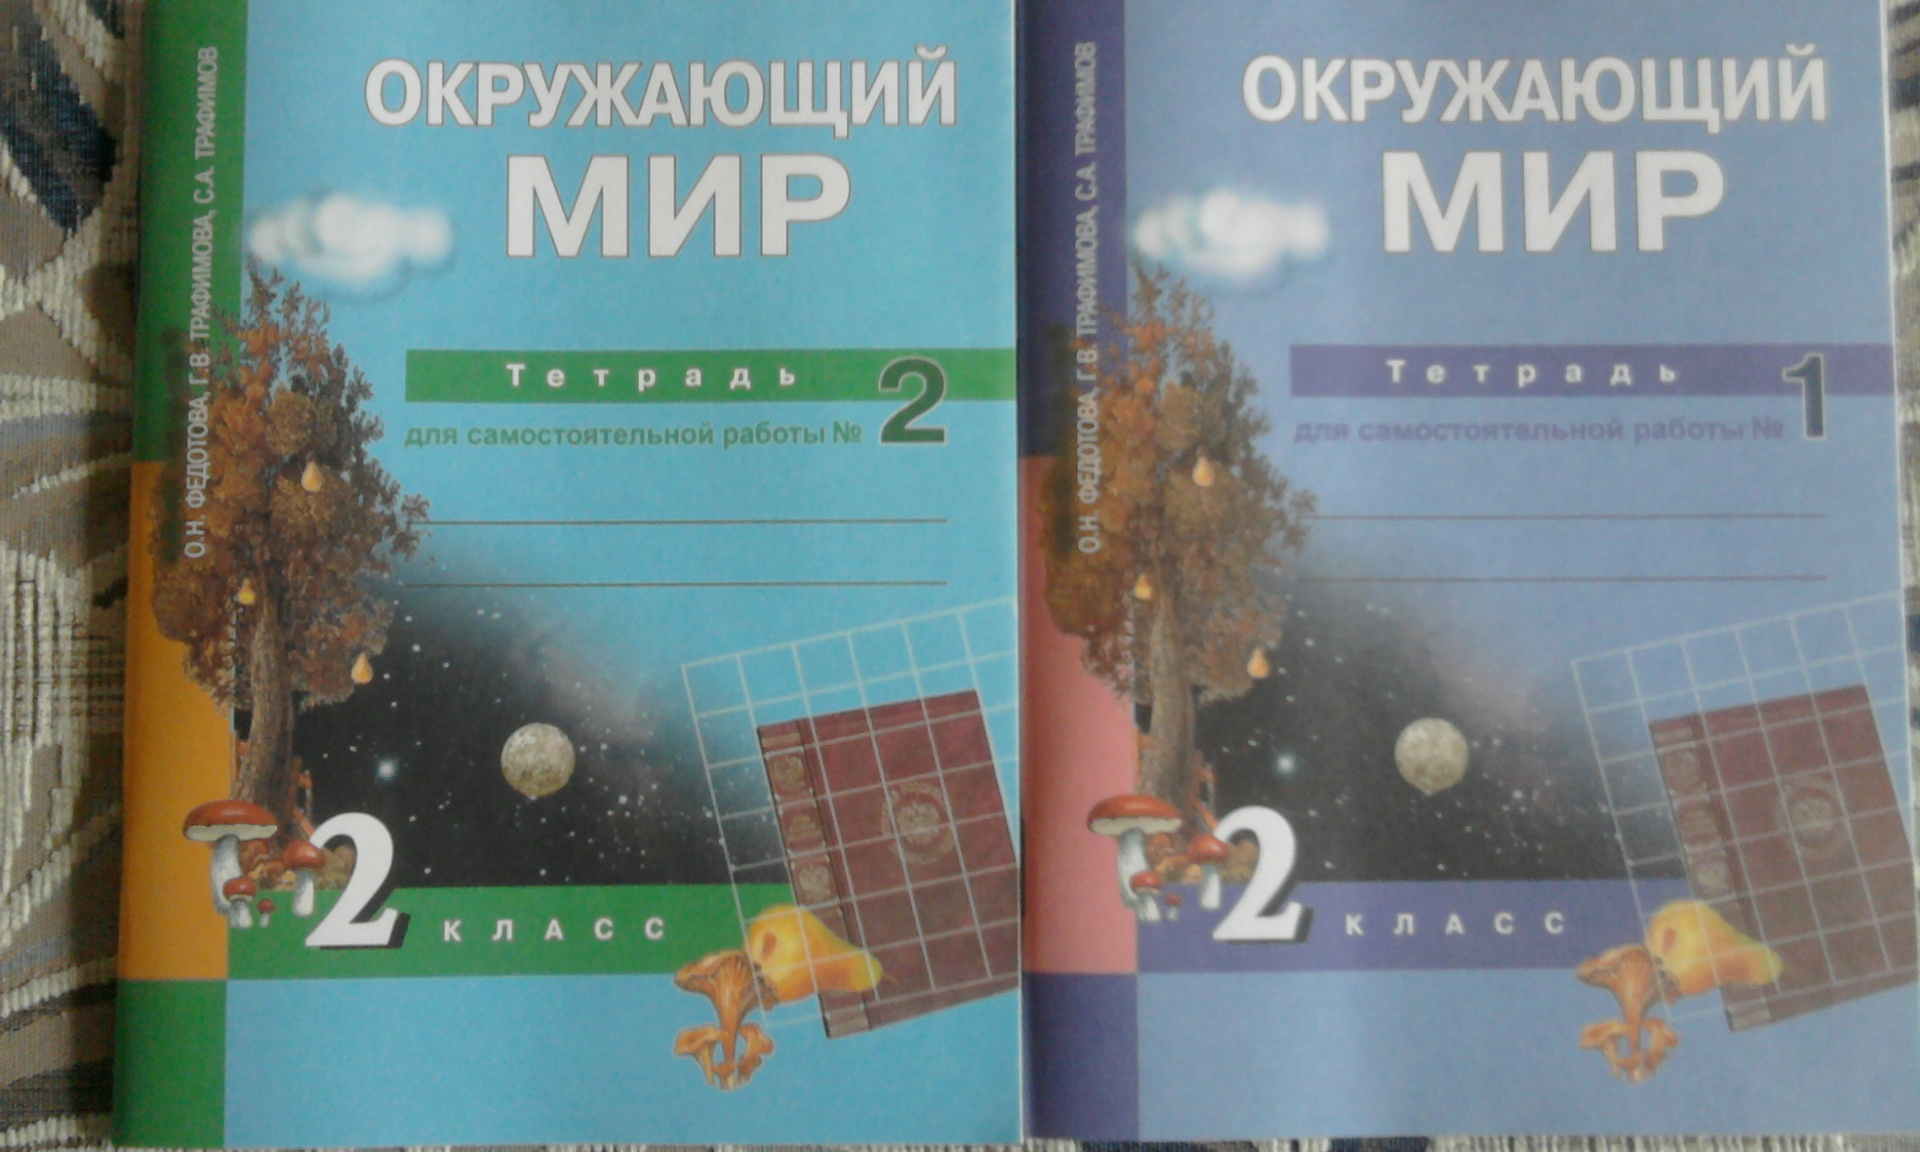 и русский язык)за 600 руб.